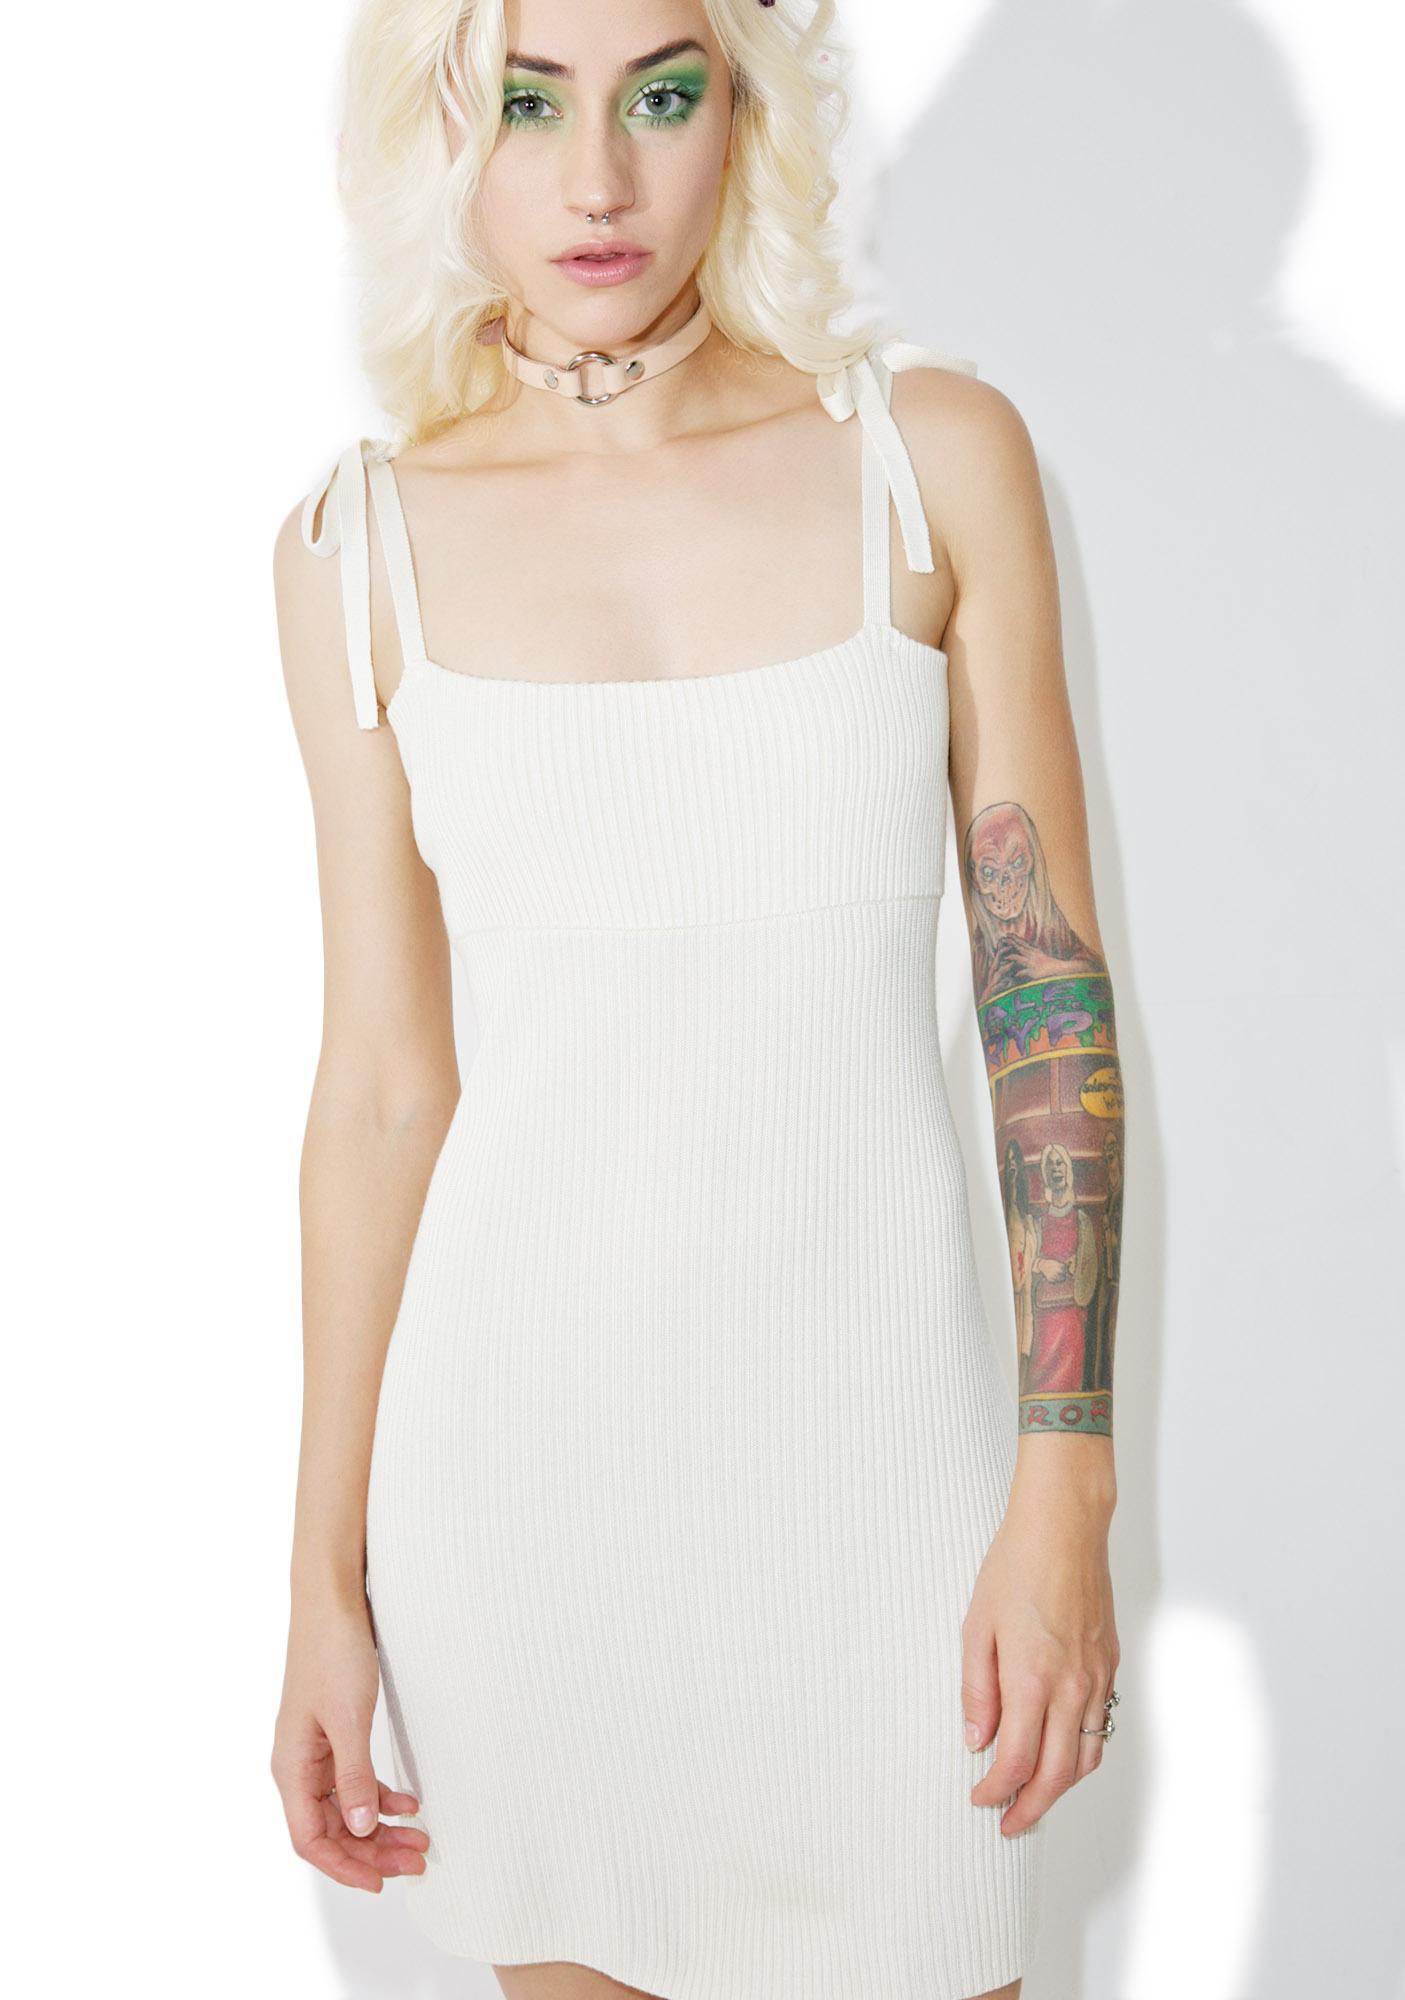 For Love & Lemons Delancey Tank Dress